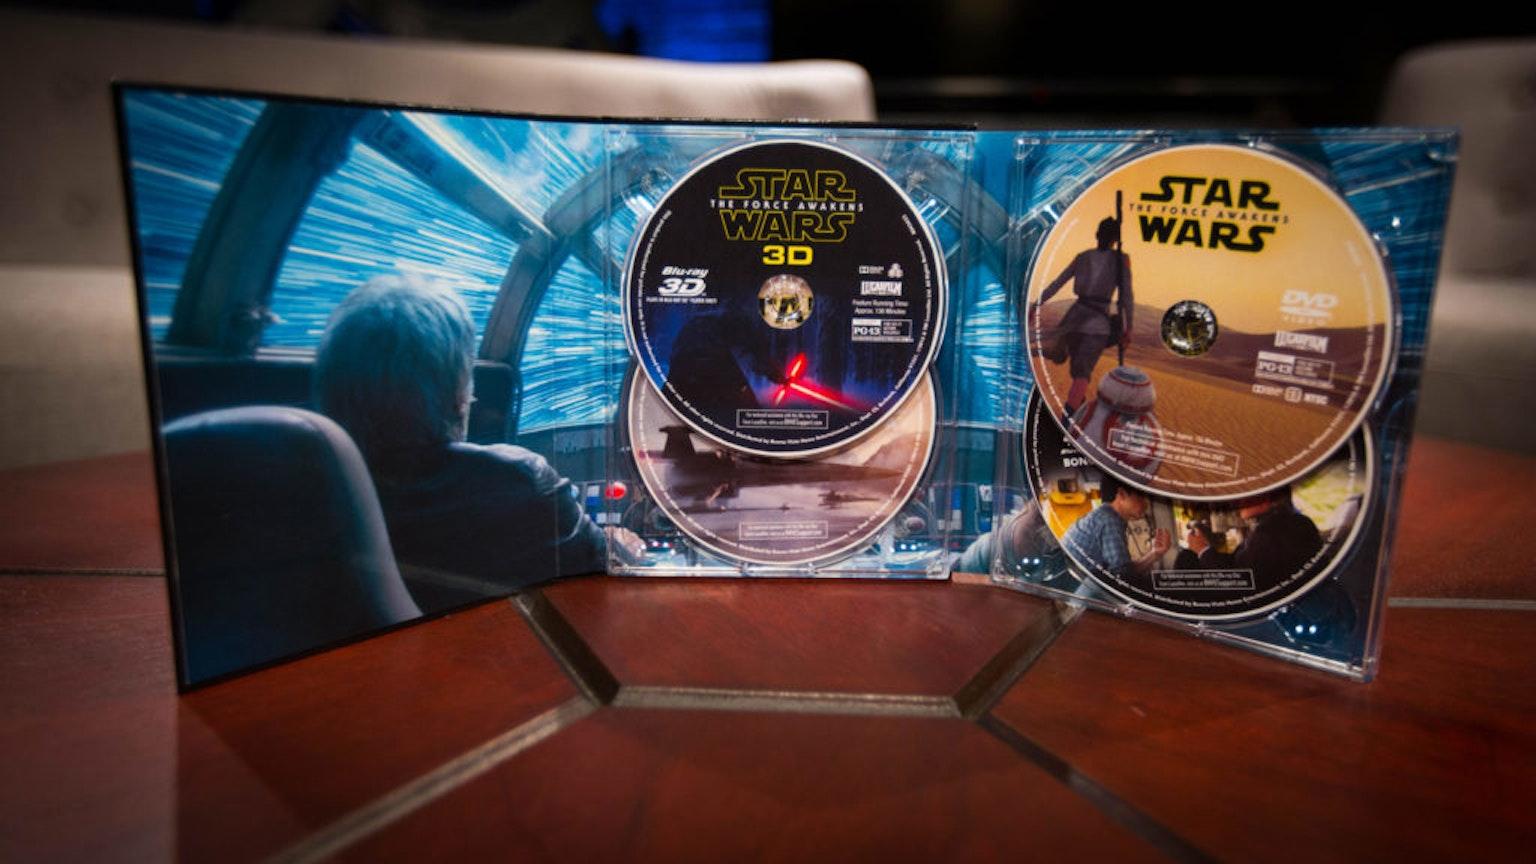 So many discs.